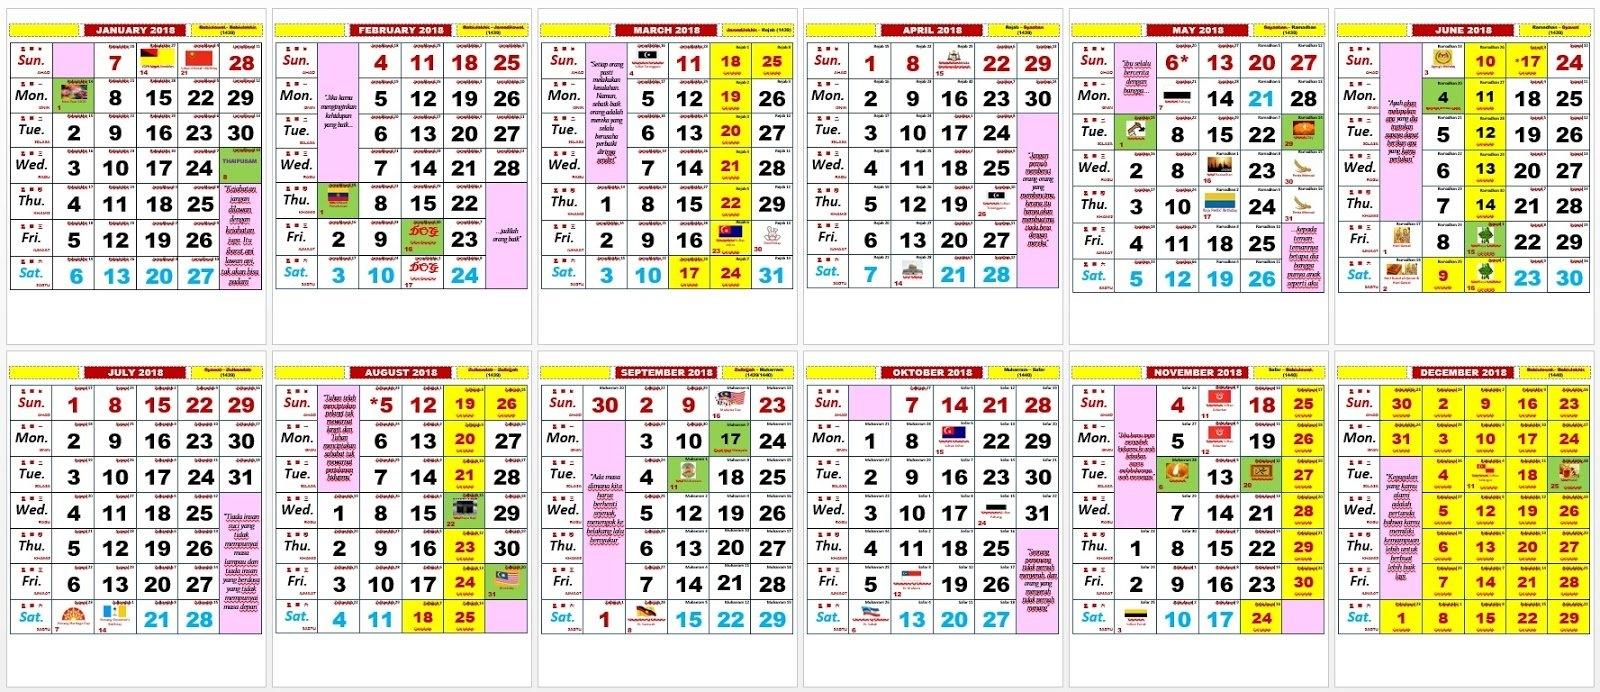 2018 Kalendar   2019 2018 Calendar Printable With Holidays List Calendar 2019 Kuda Pdf